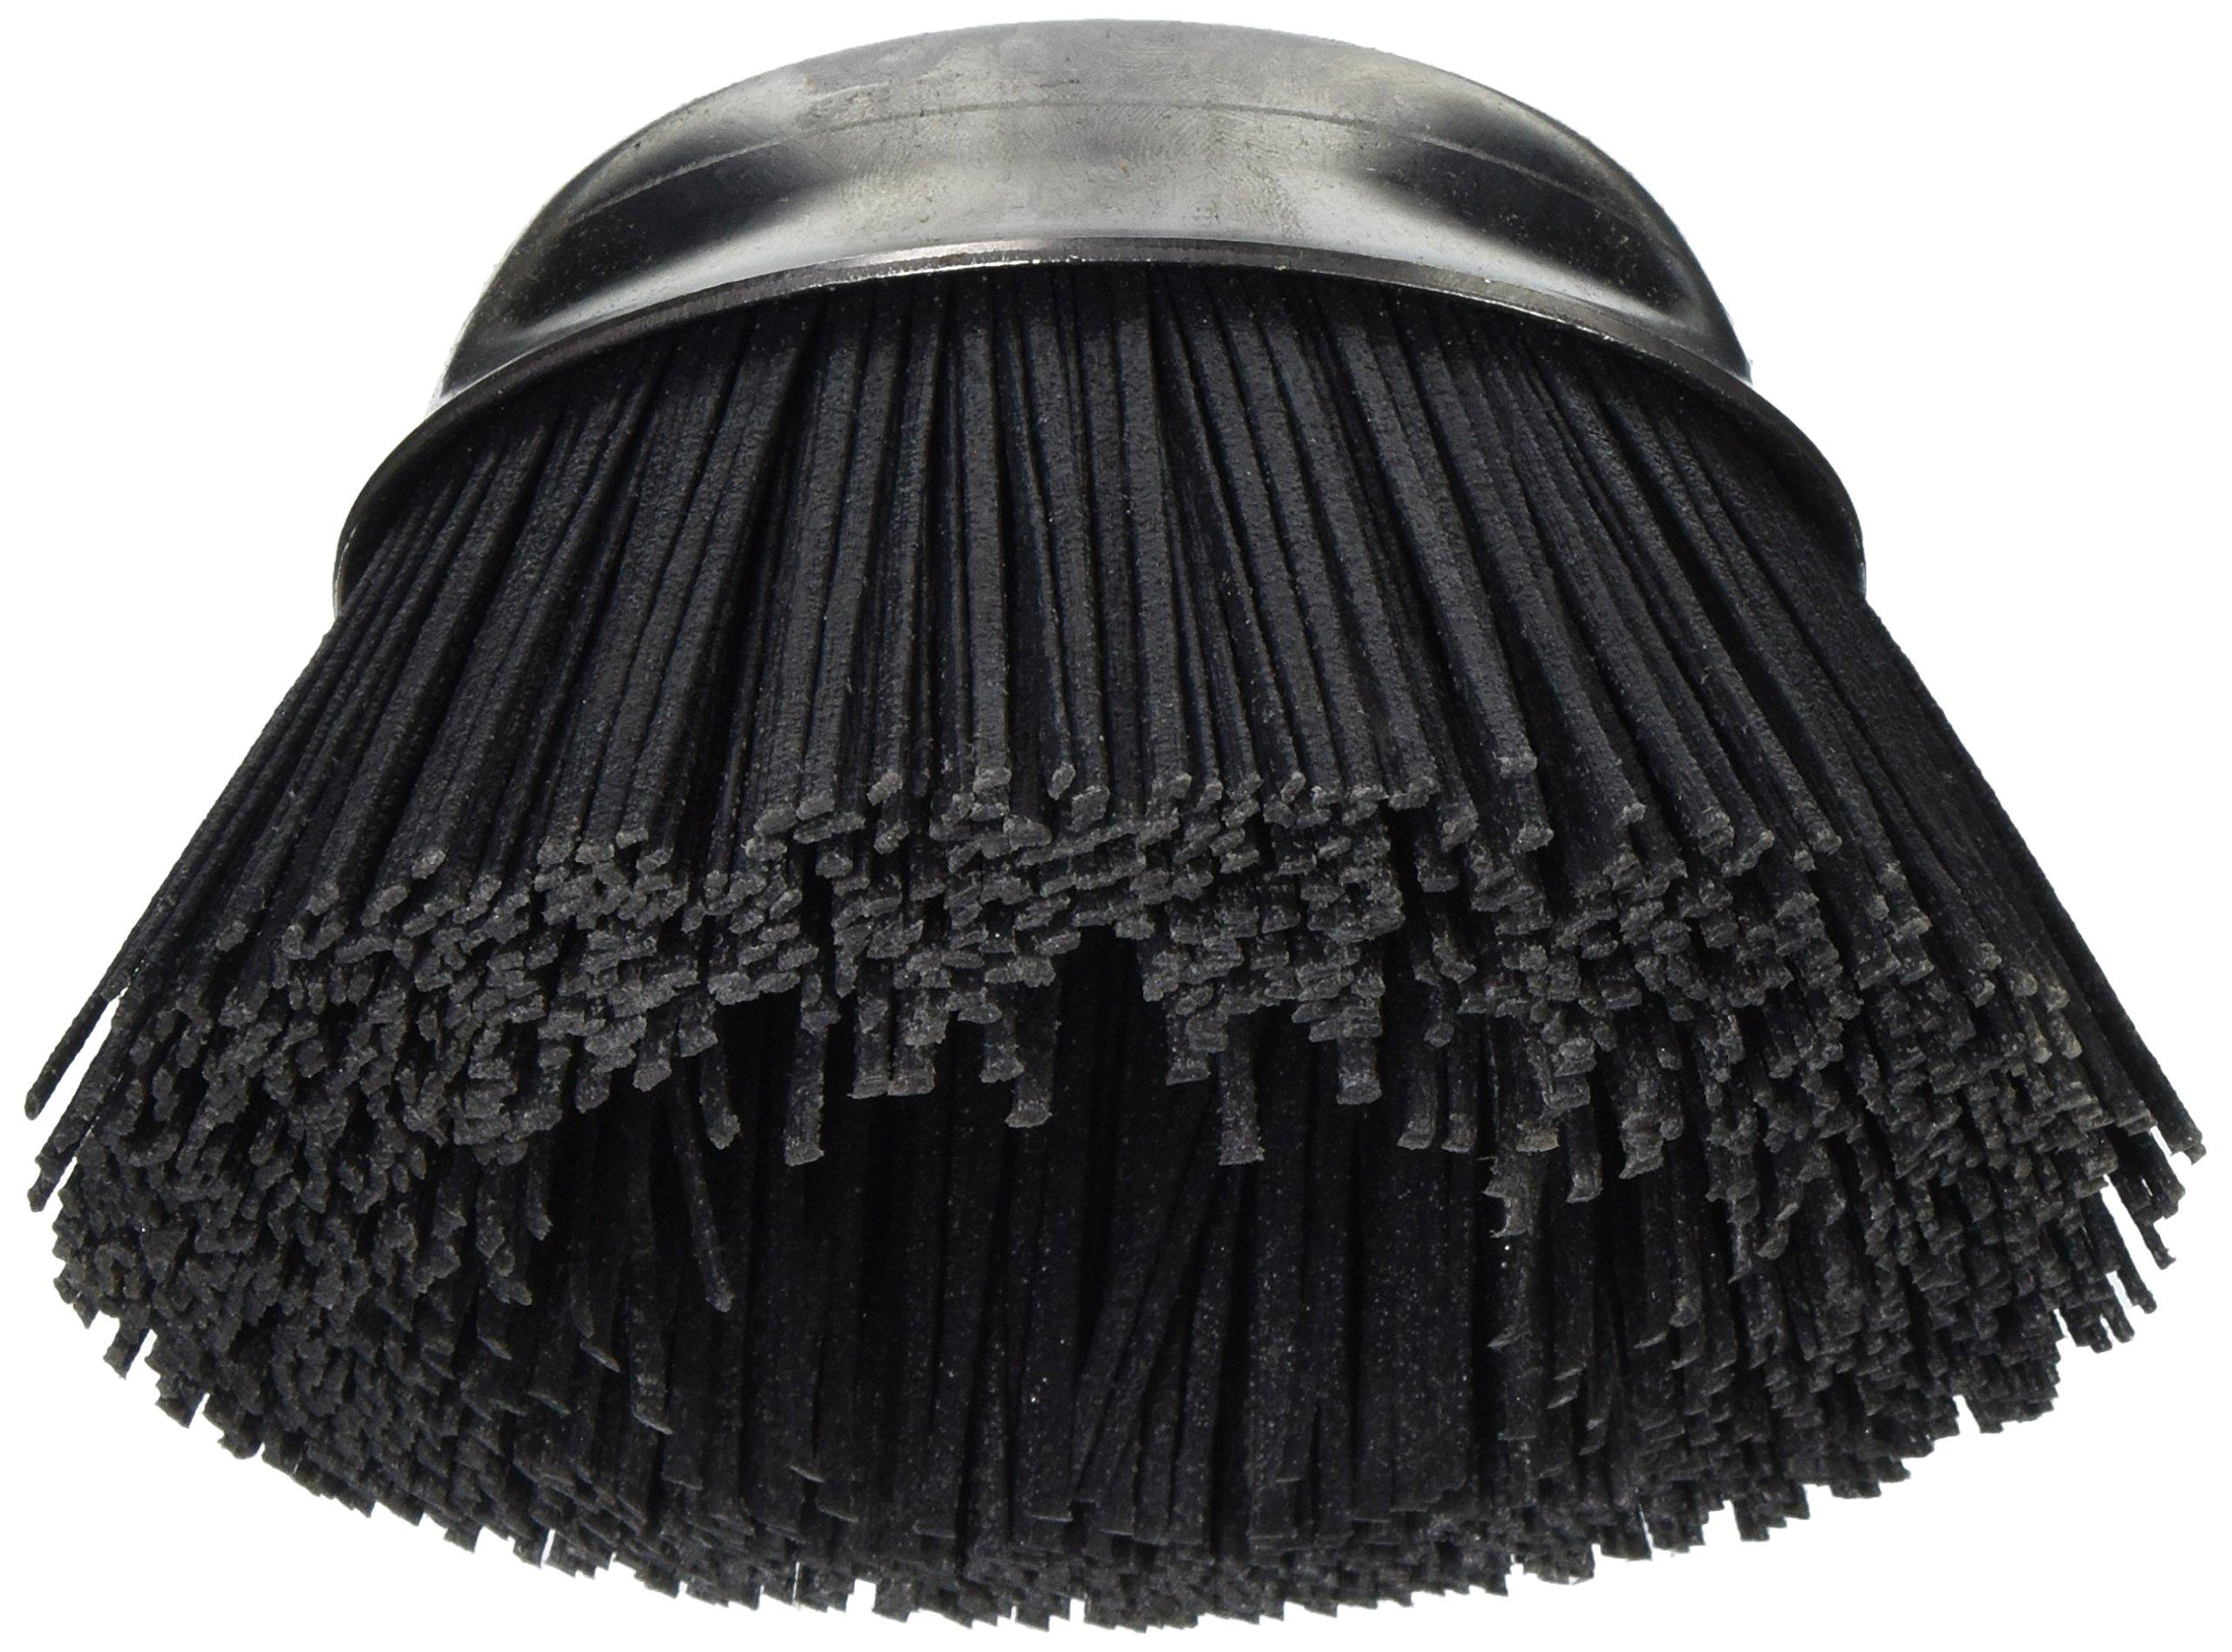 Osborn 00032132SP 32132Sp Abrasive Cup Brush, 6''